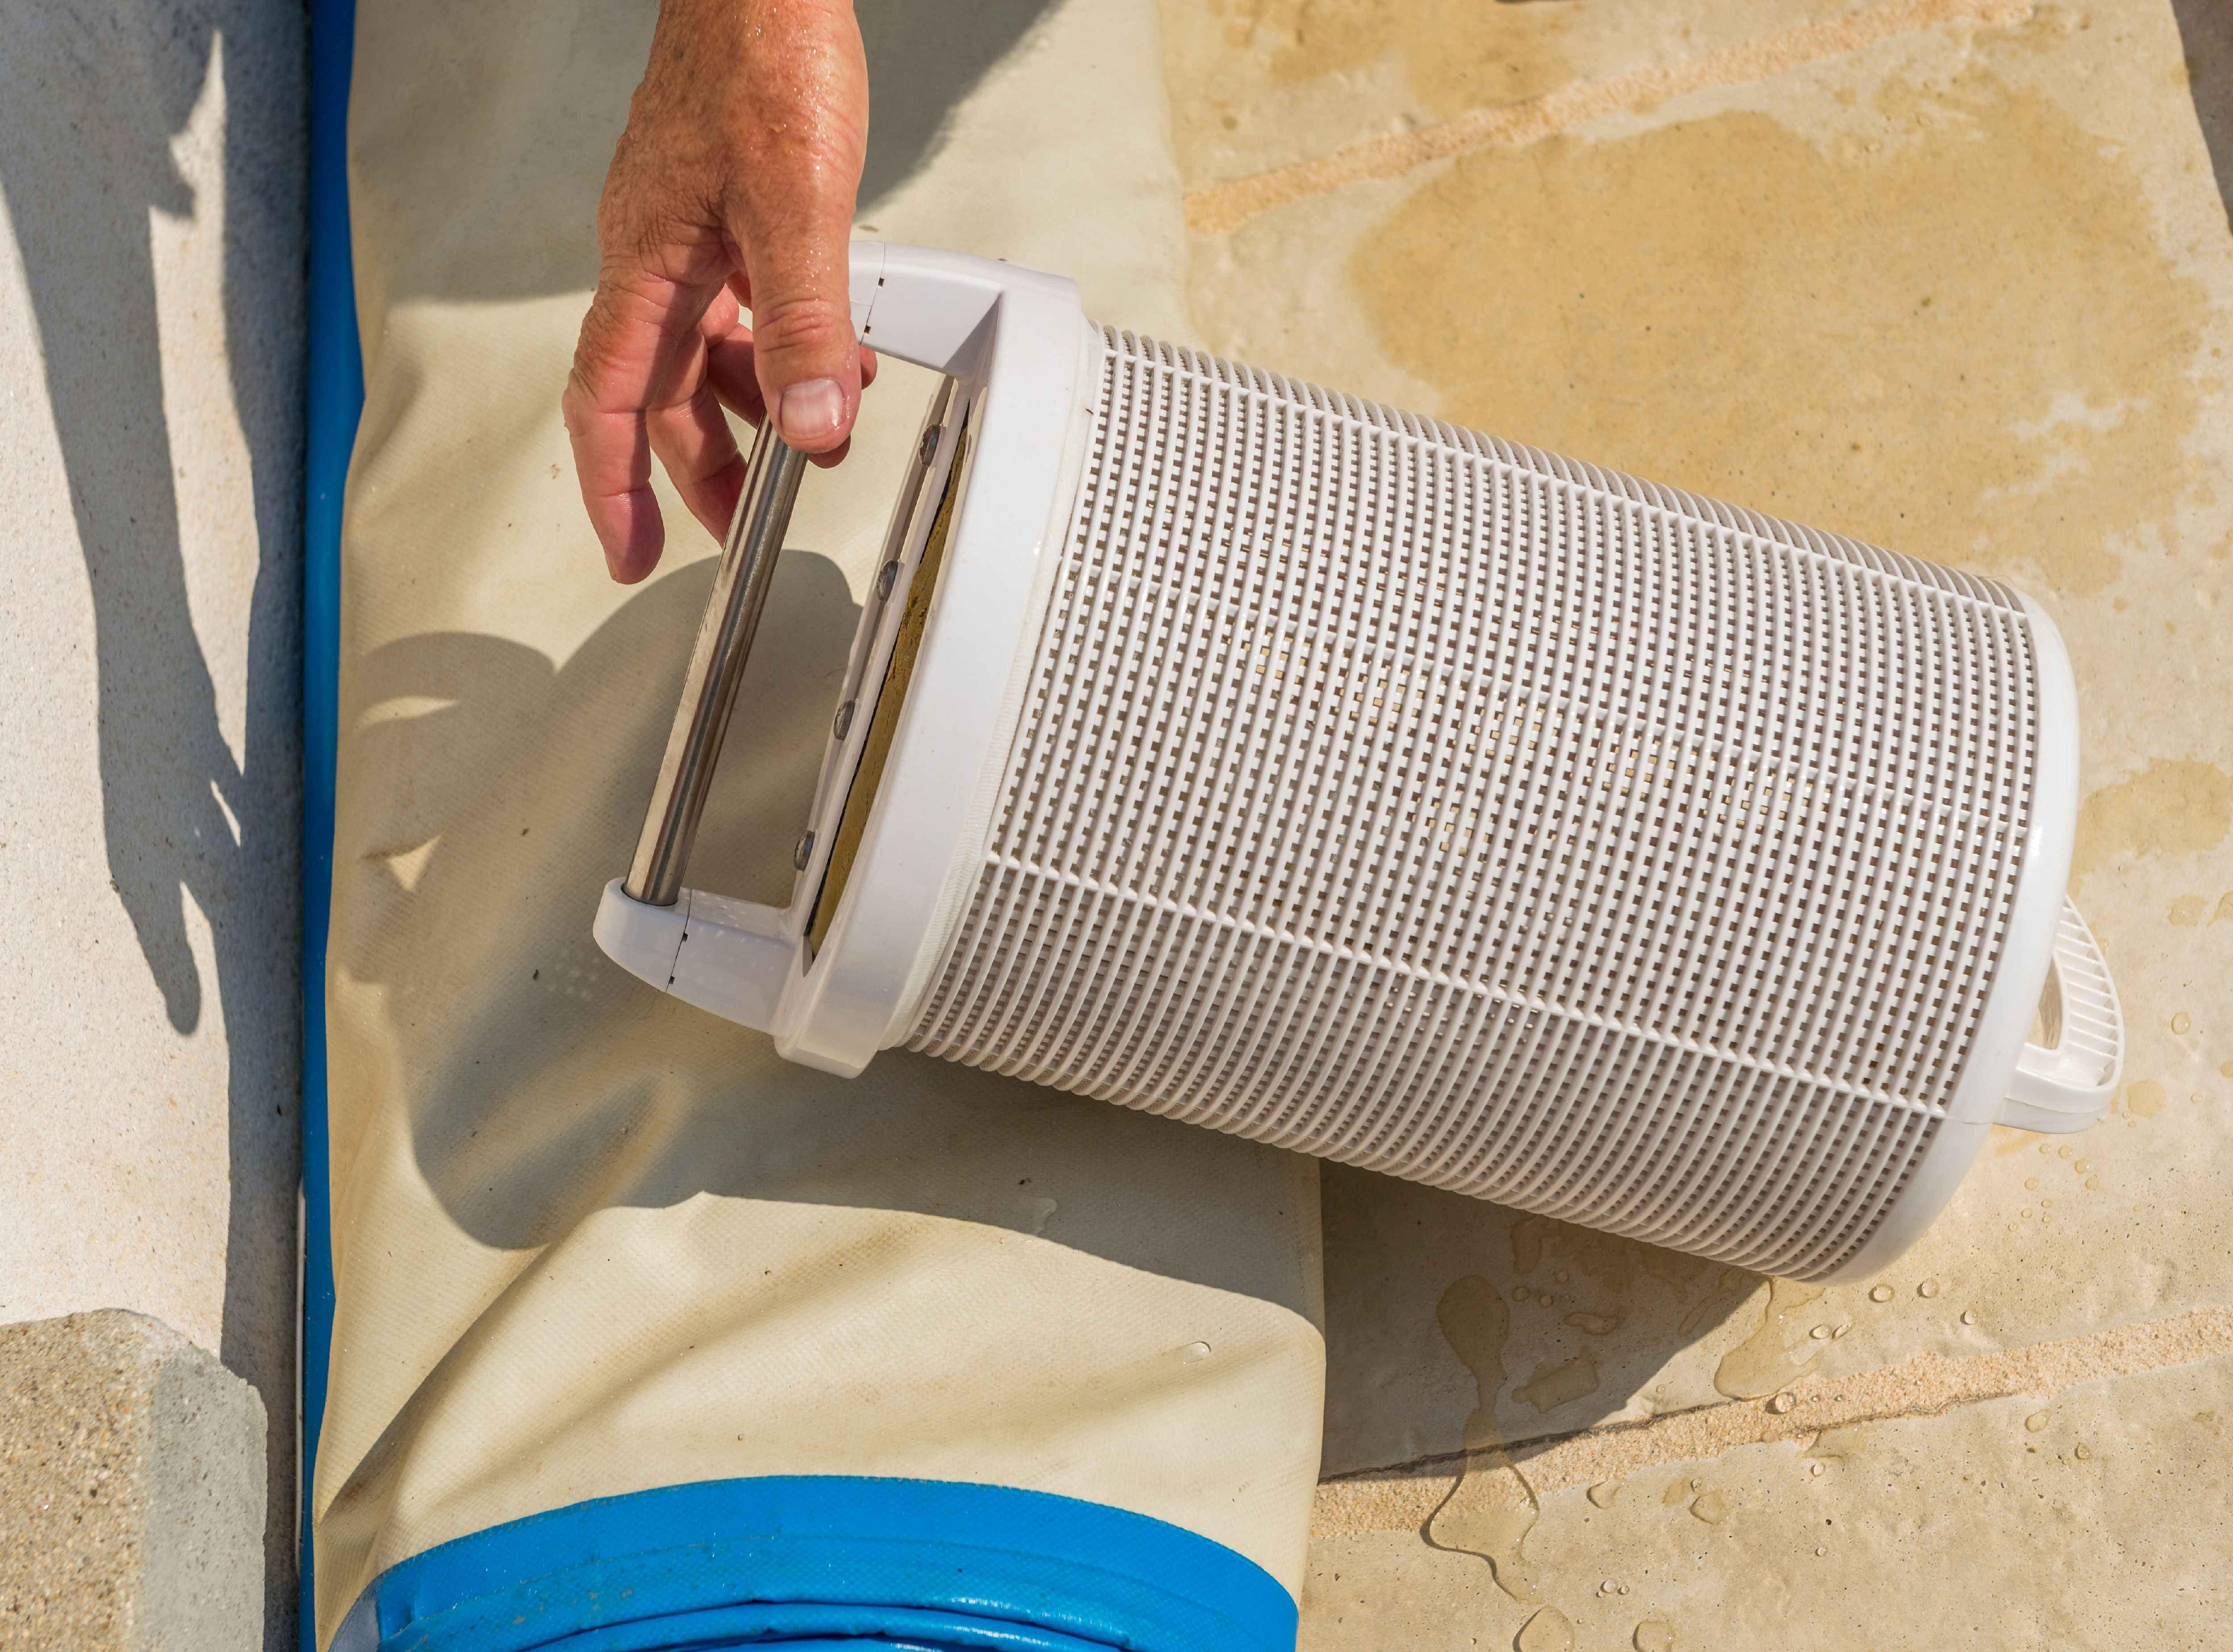 Filtre à cartouche de piscine :  tout savoir pour bien choisir